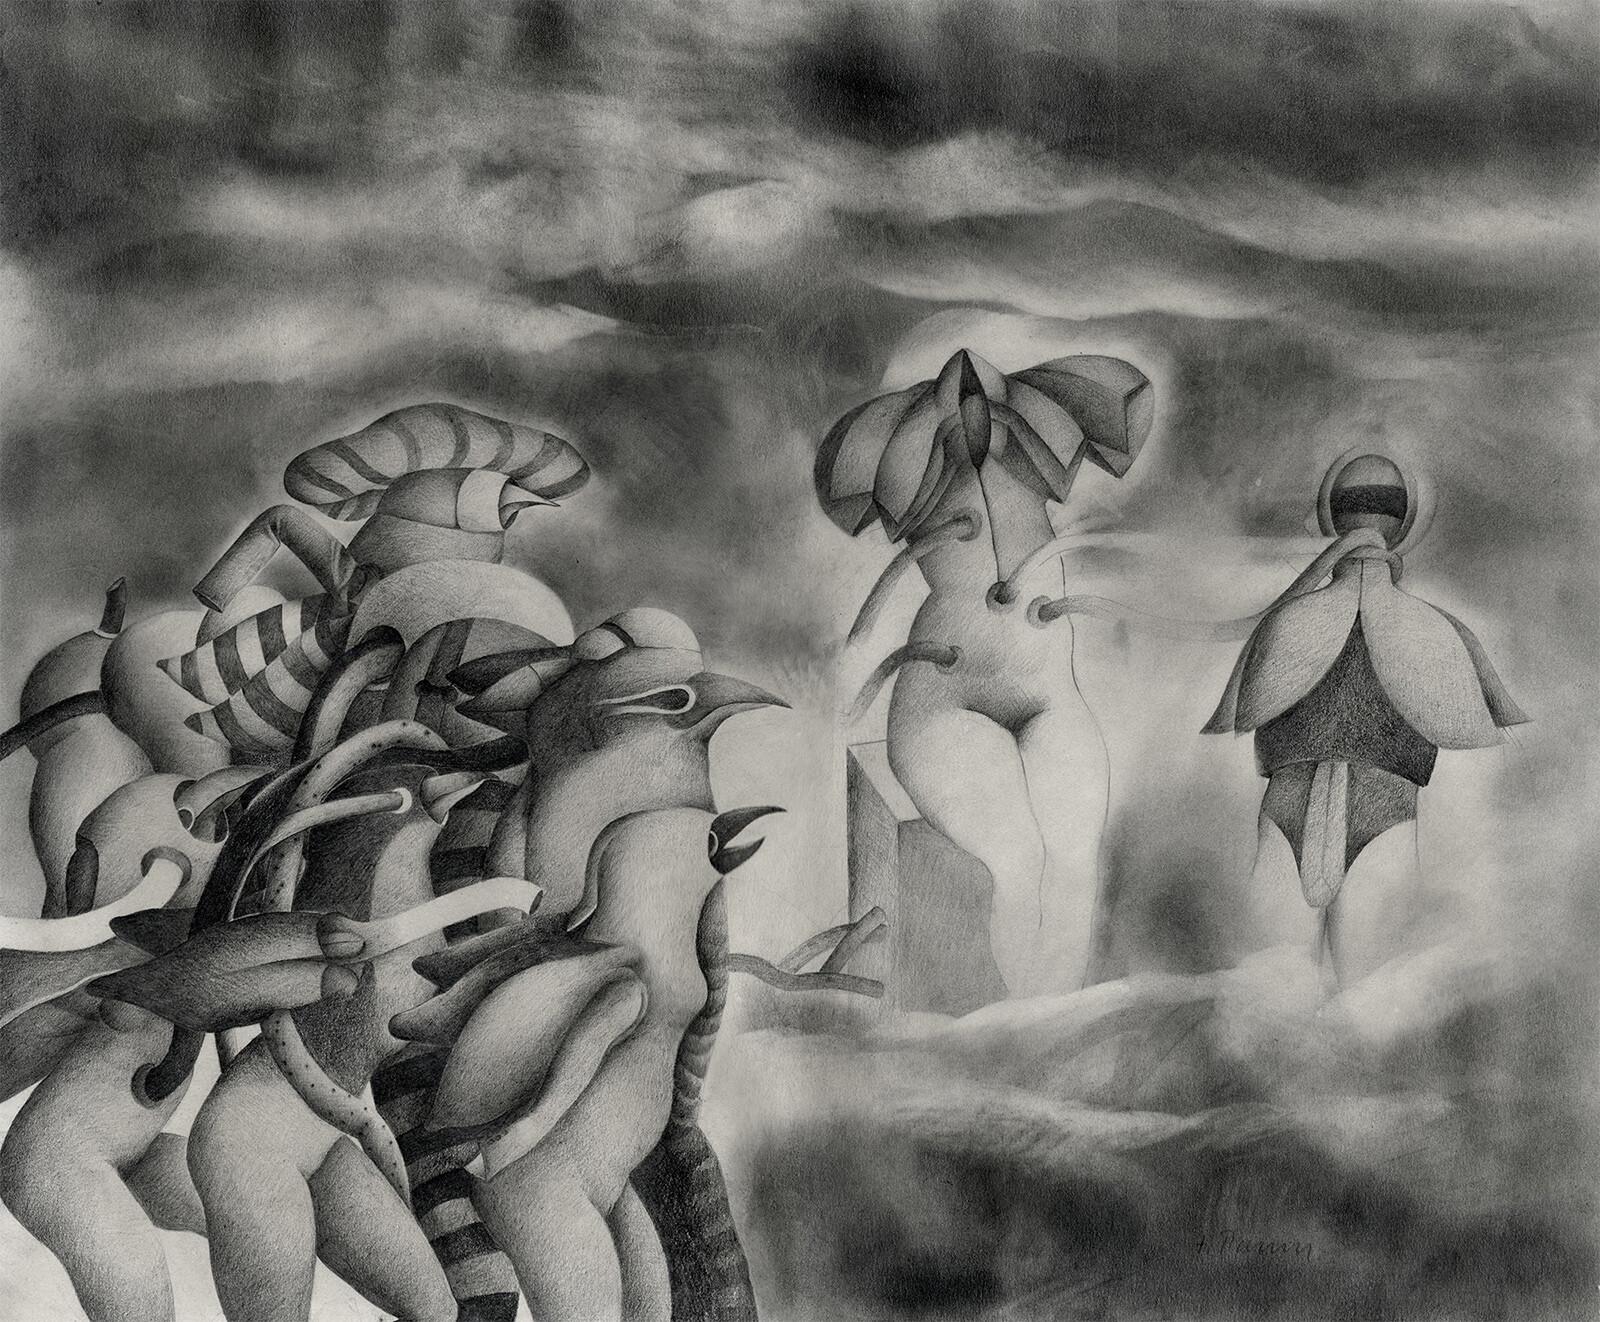 Original drawing by Tomás Parra